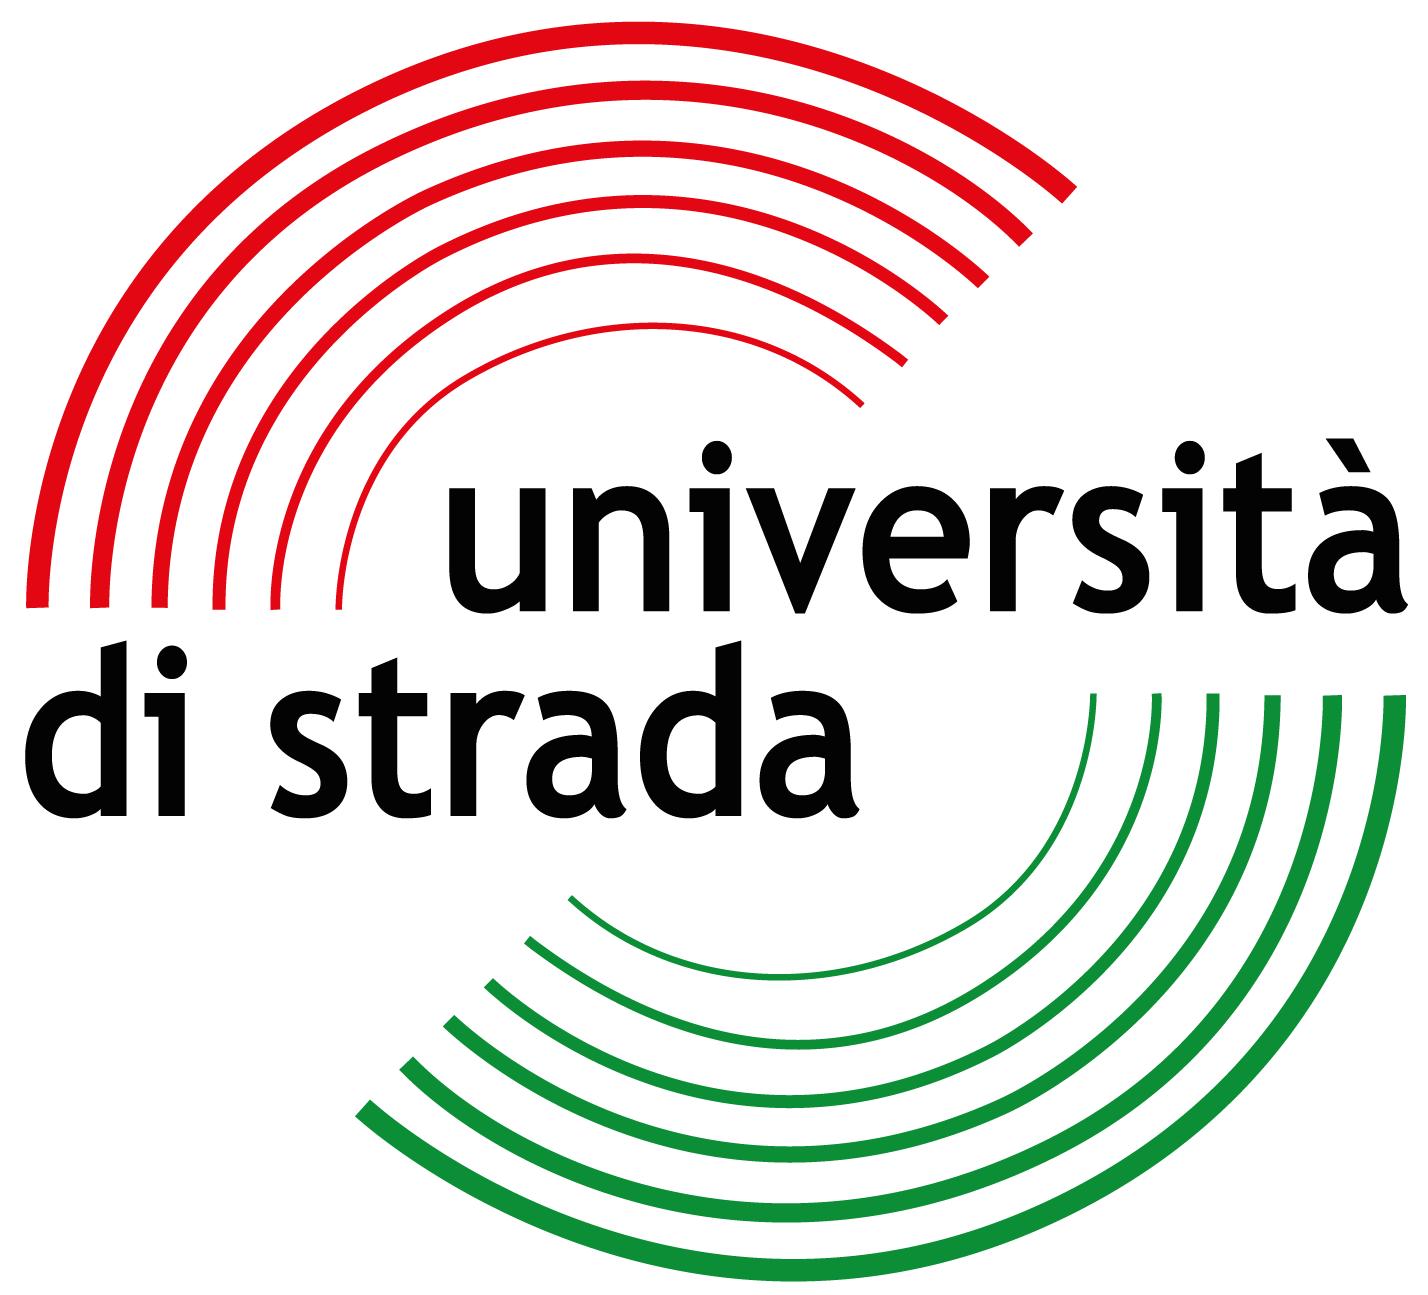 Università di Strada